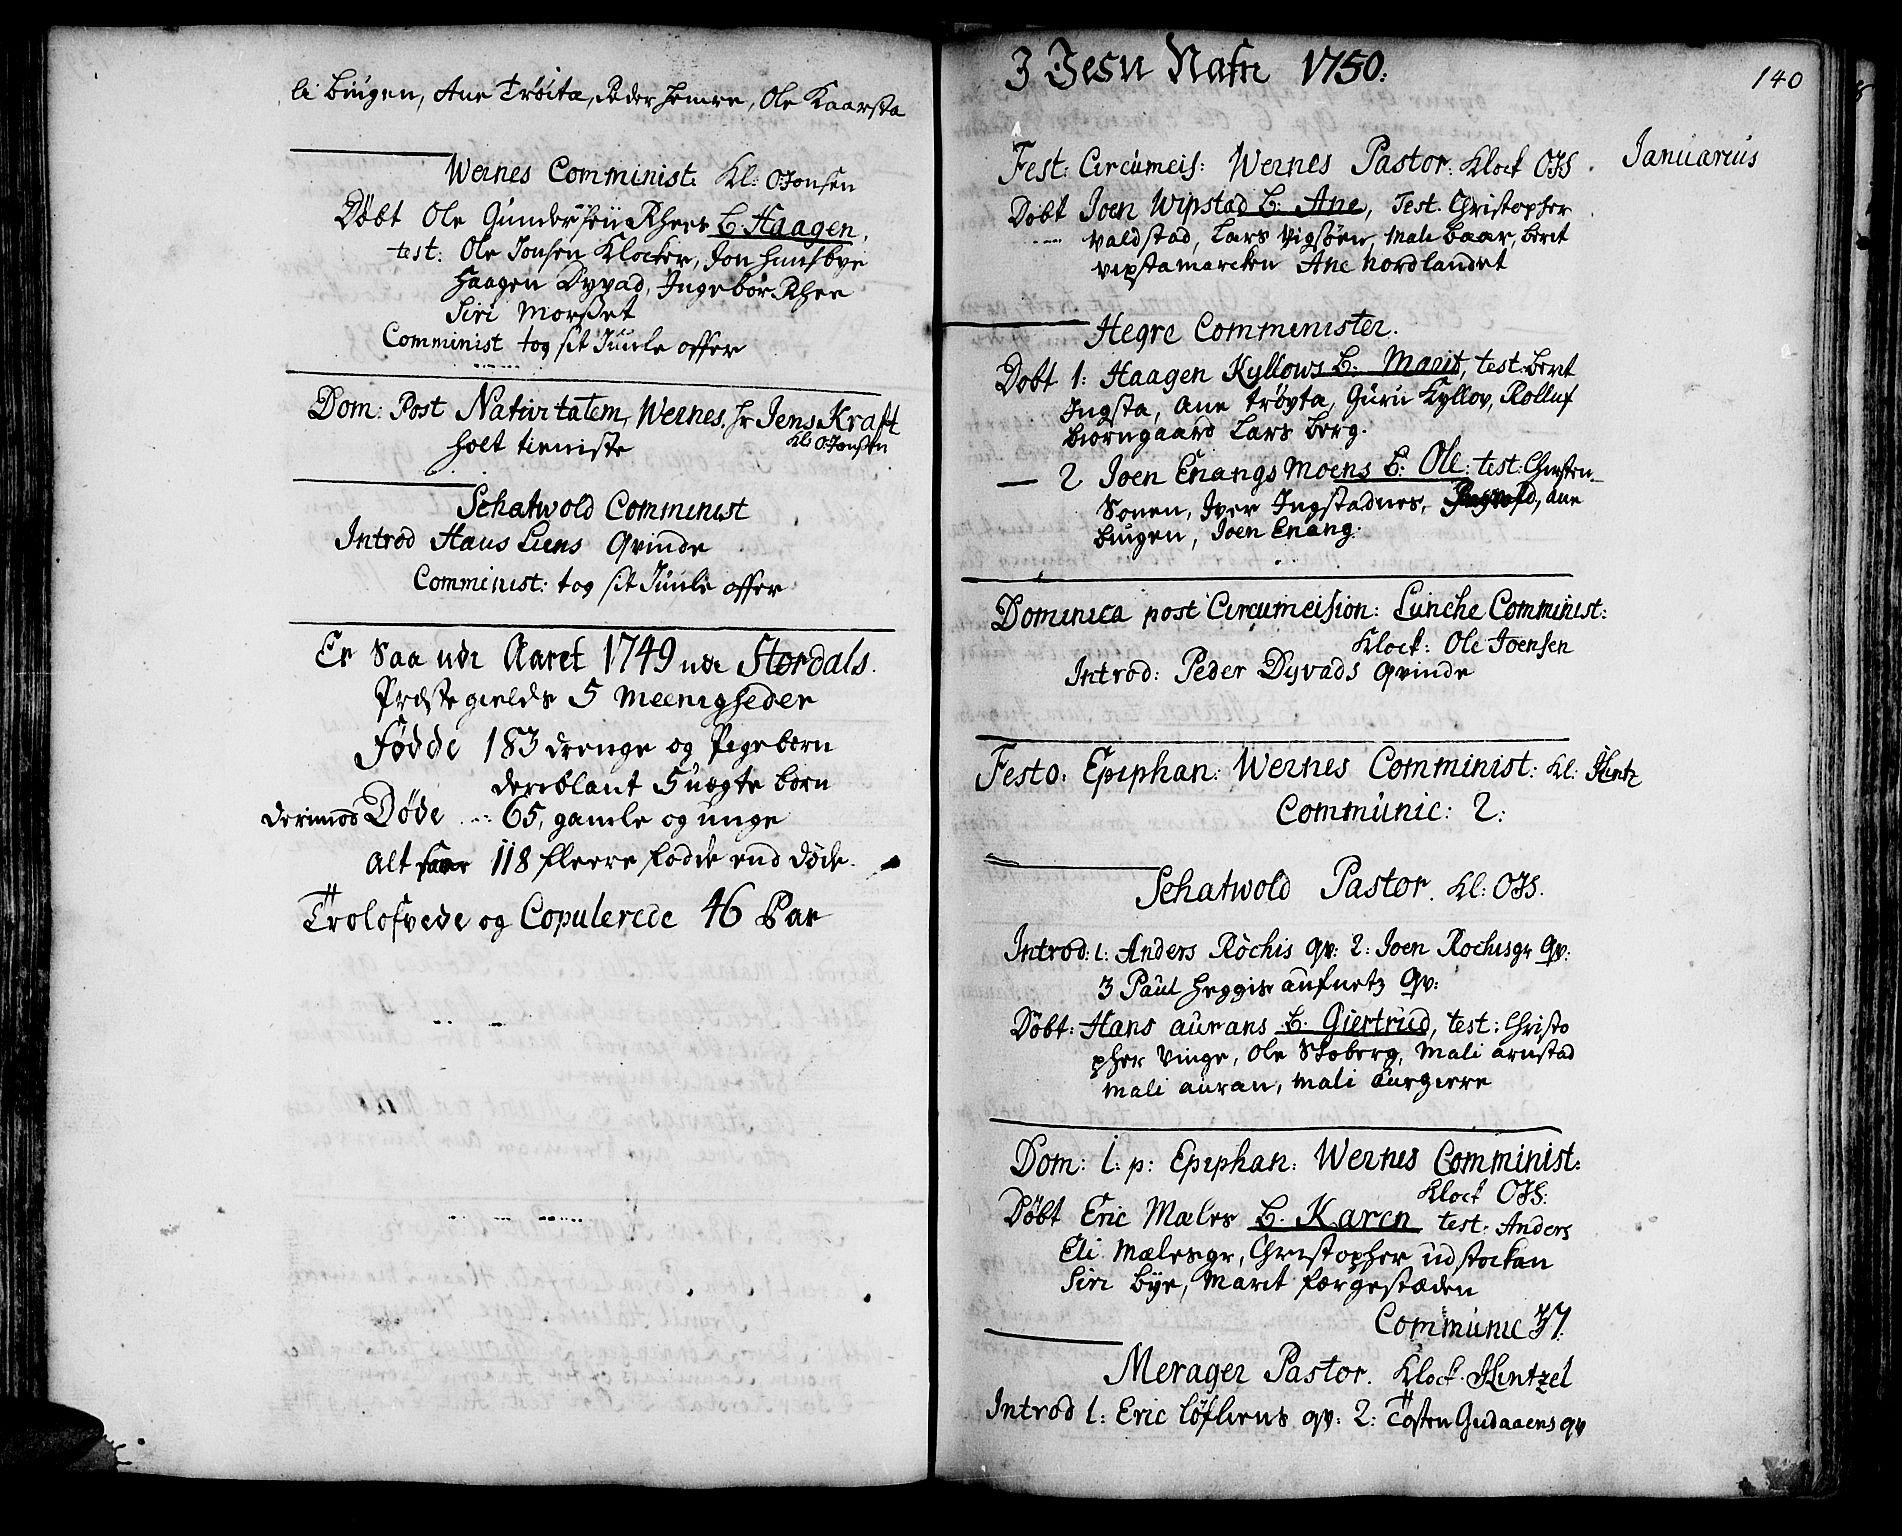 SAT, Ministerialprotokoller, klokkerbøker og fødselsregistre - Nord-Trøndelag, 709/L0056: Ministerialbok nr. 709A04, 1740-1756, s. 140